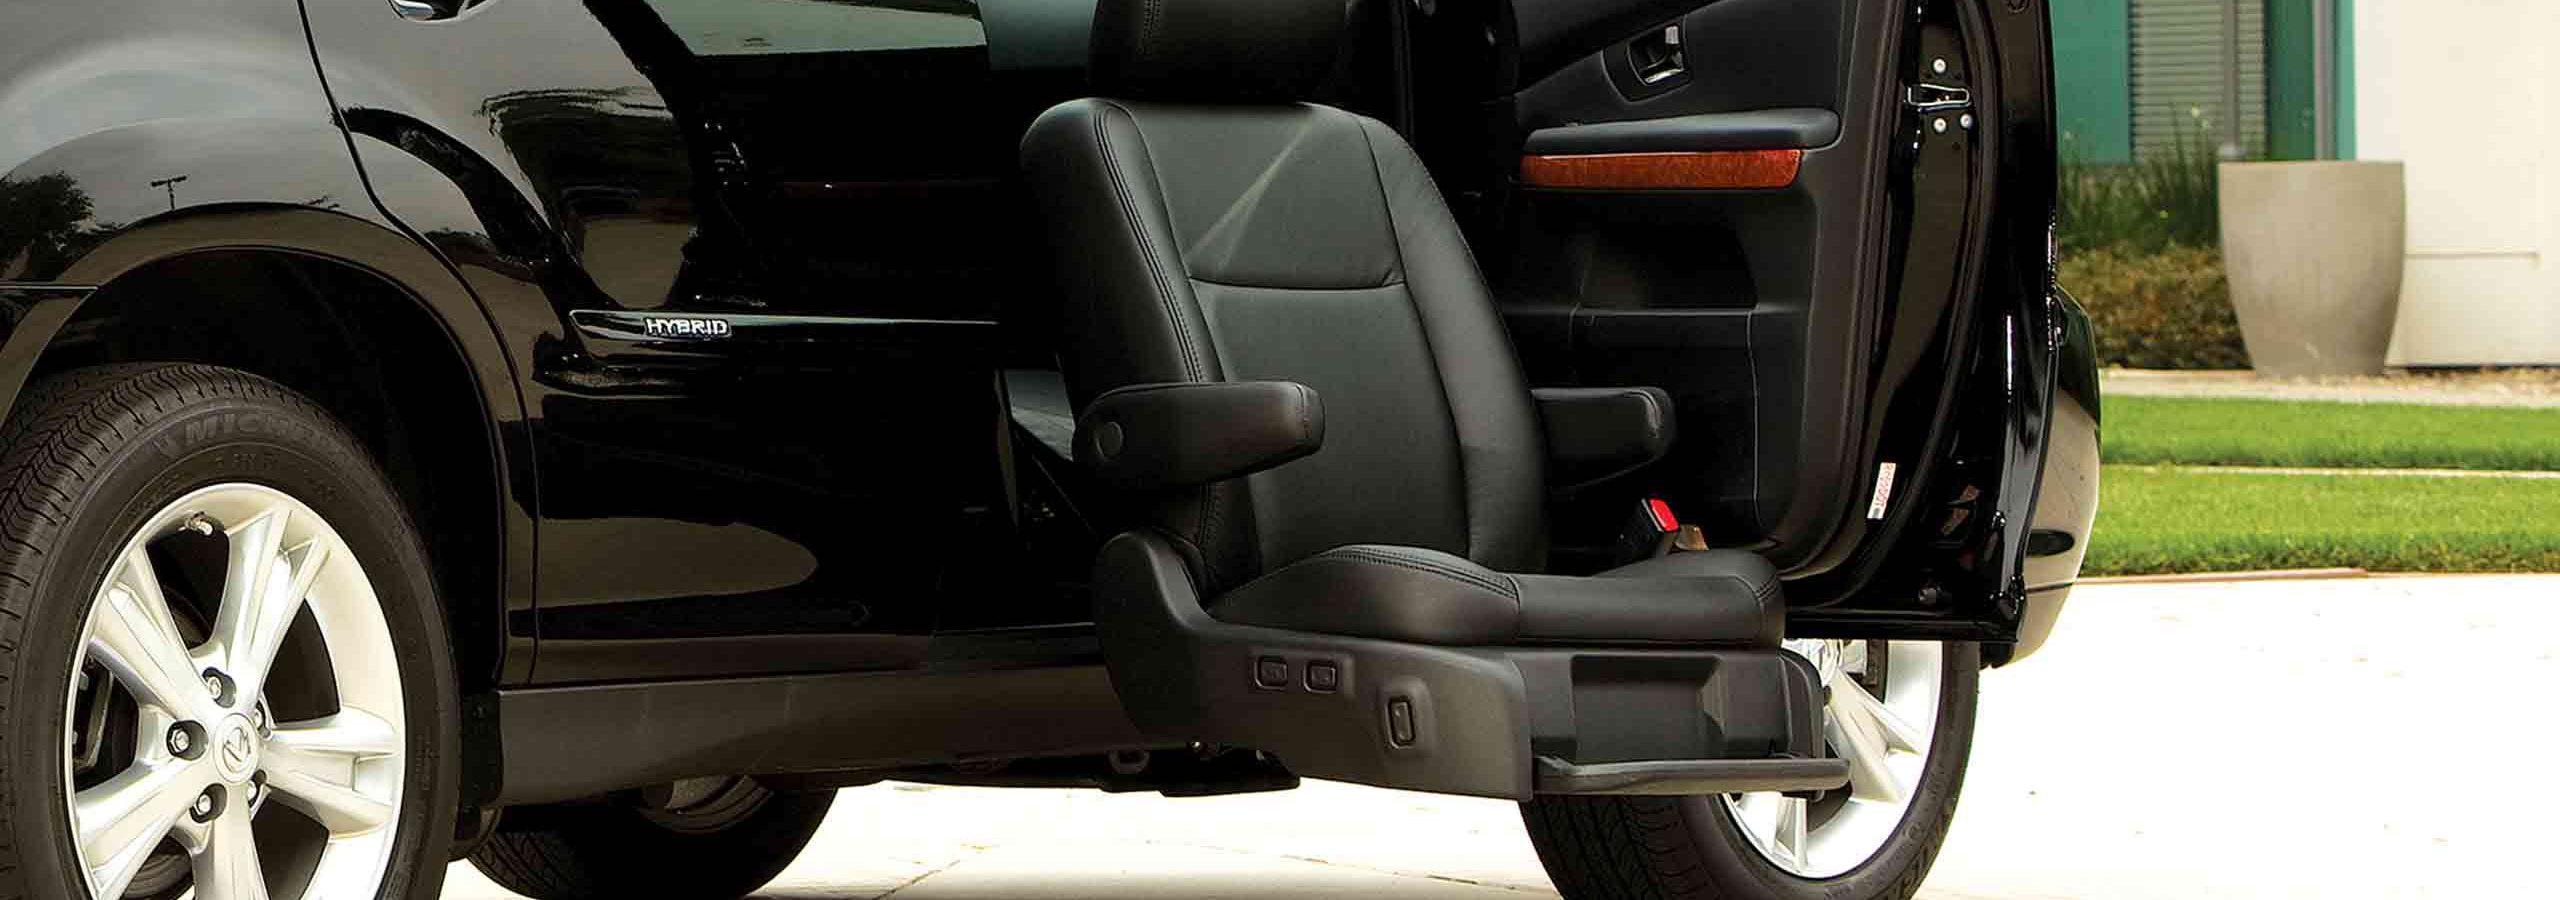 Specialty Seats